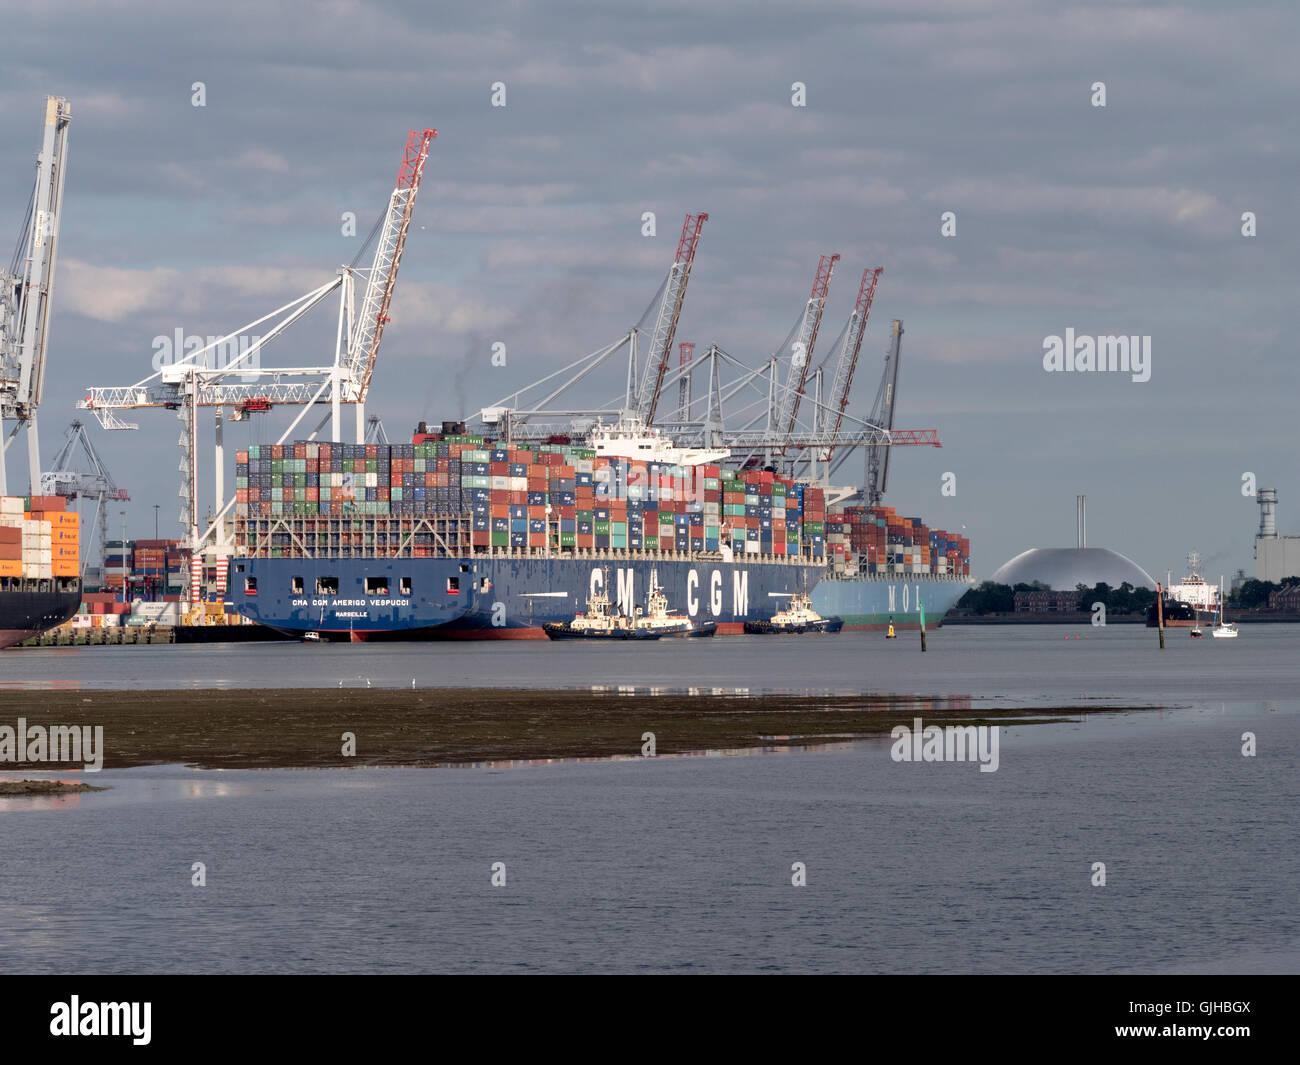 CMA CGM Amerigo Vespucci, container ship, docking at Container Port, Southampton Docks, Southampton, Hampshire, - Stock Image